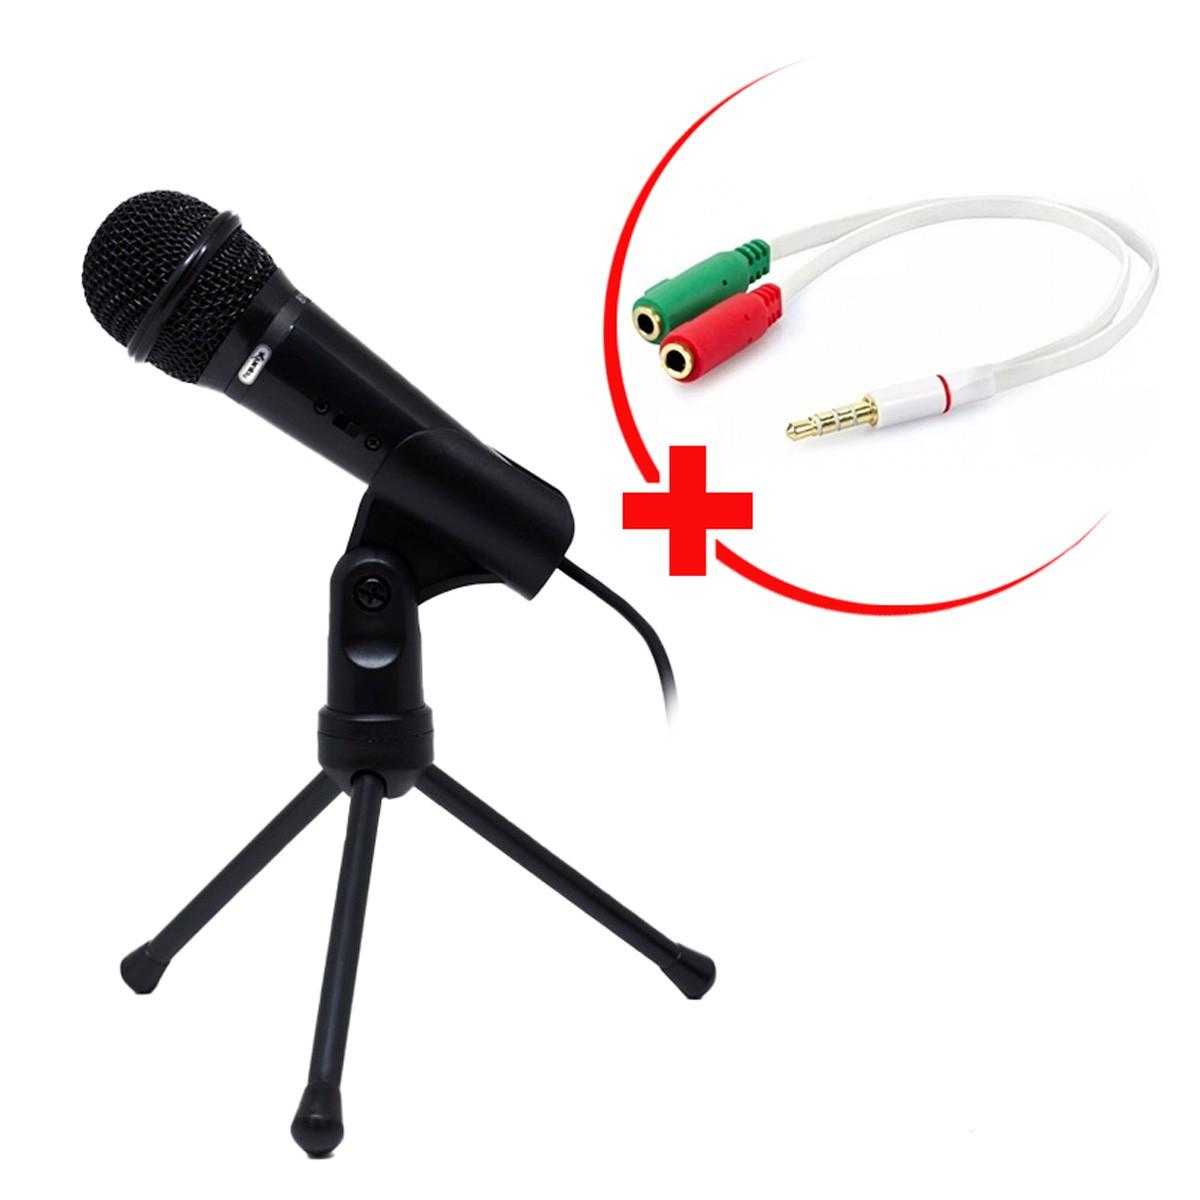 Kit Microfone com Suporte de mesa e Adaptador para Celular